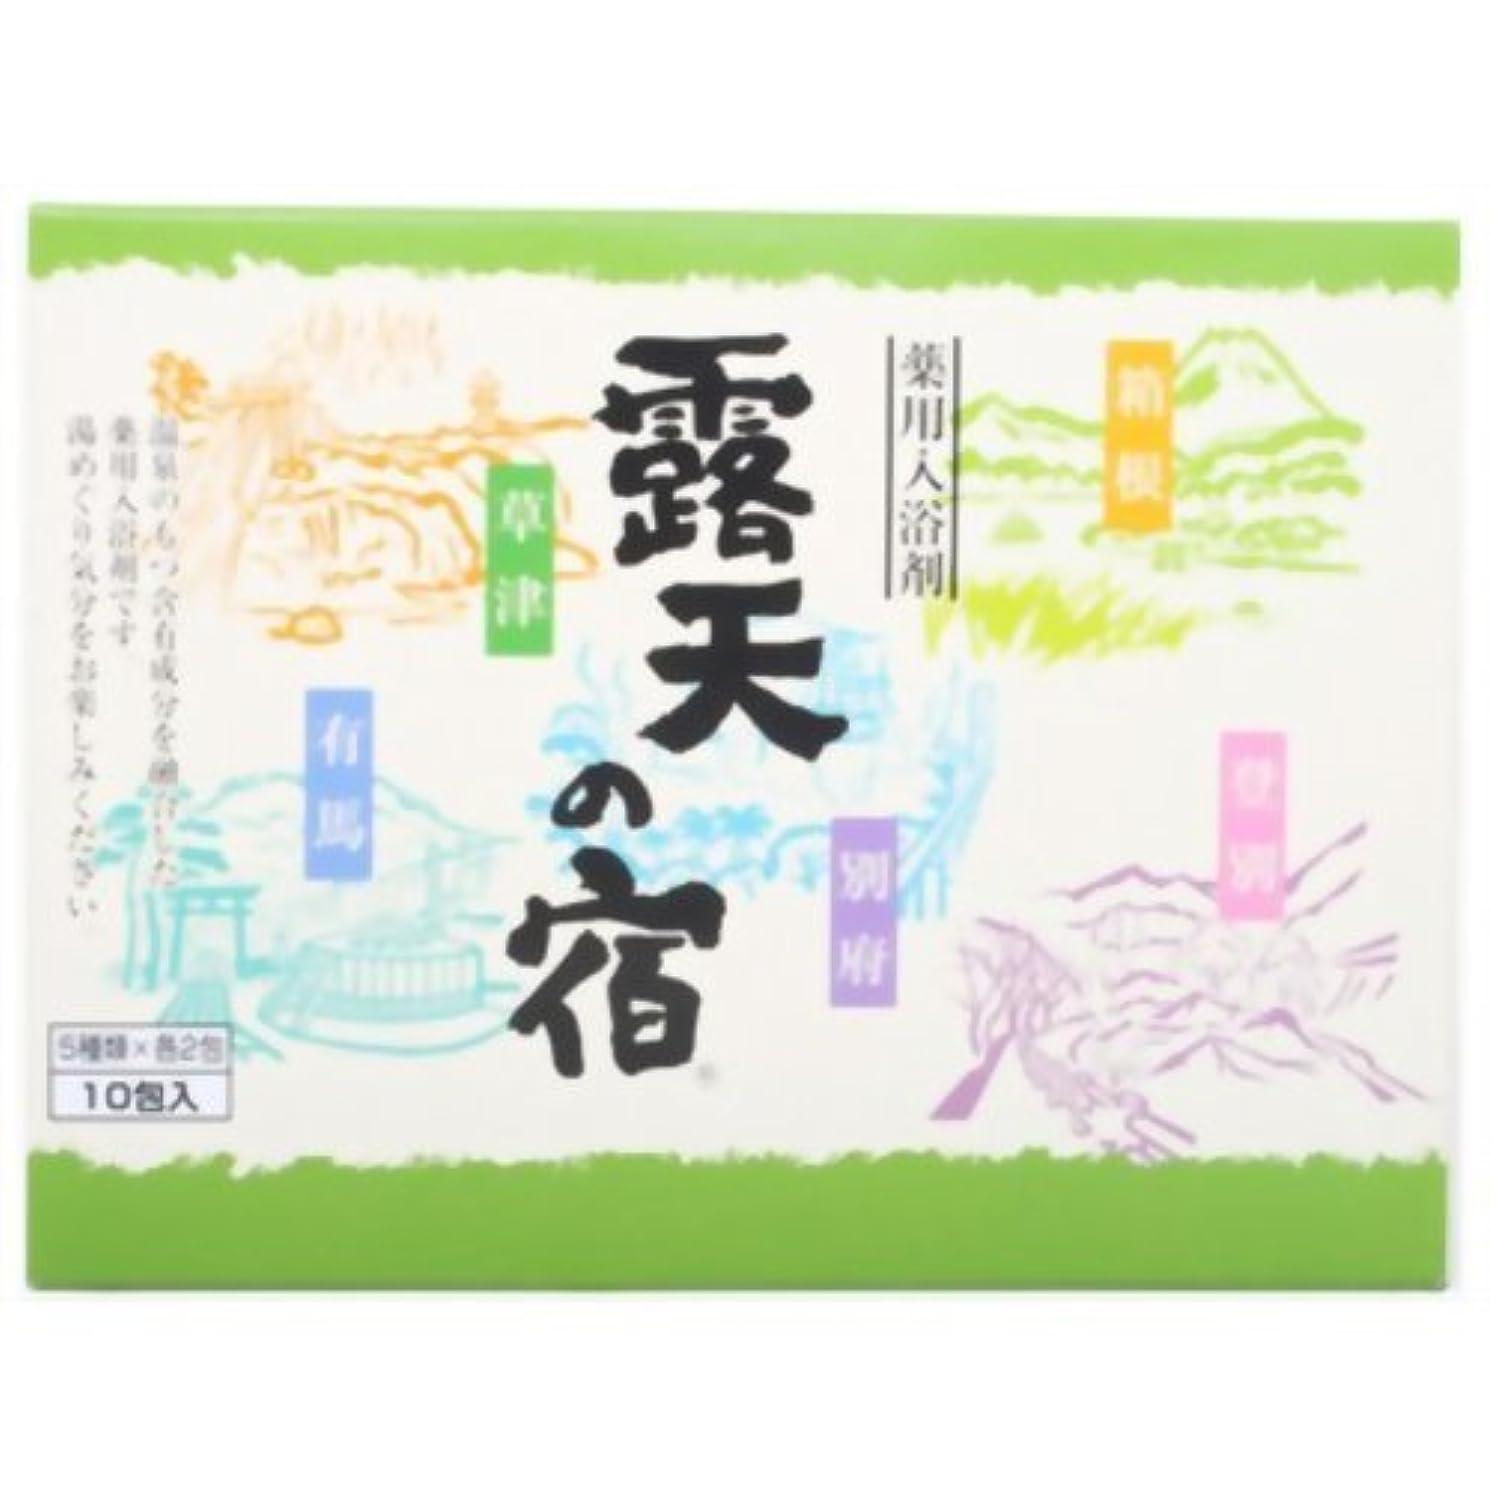 ボリュームドキドキチャンピオン薬用入浴剤 露天の宿 10包入(5種類*各2包)